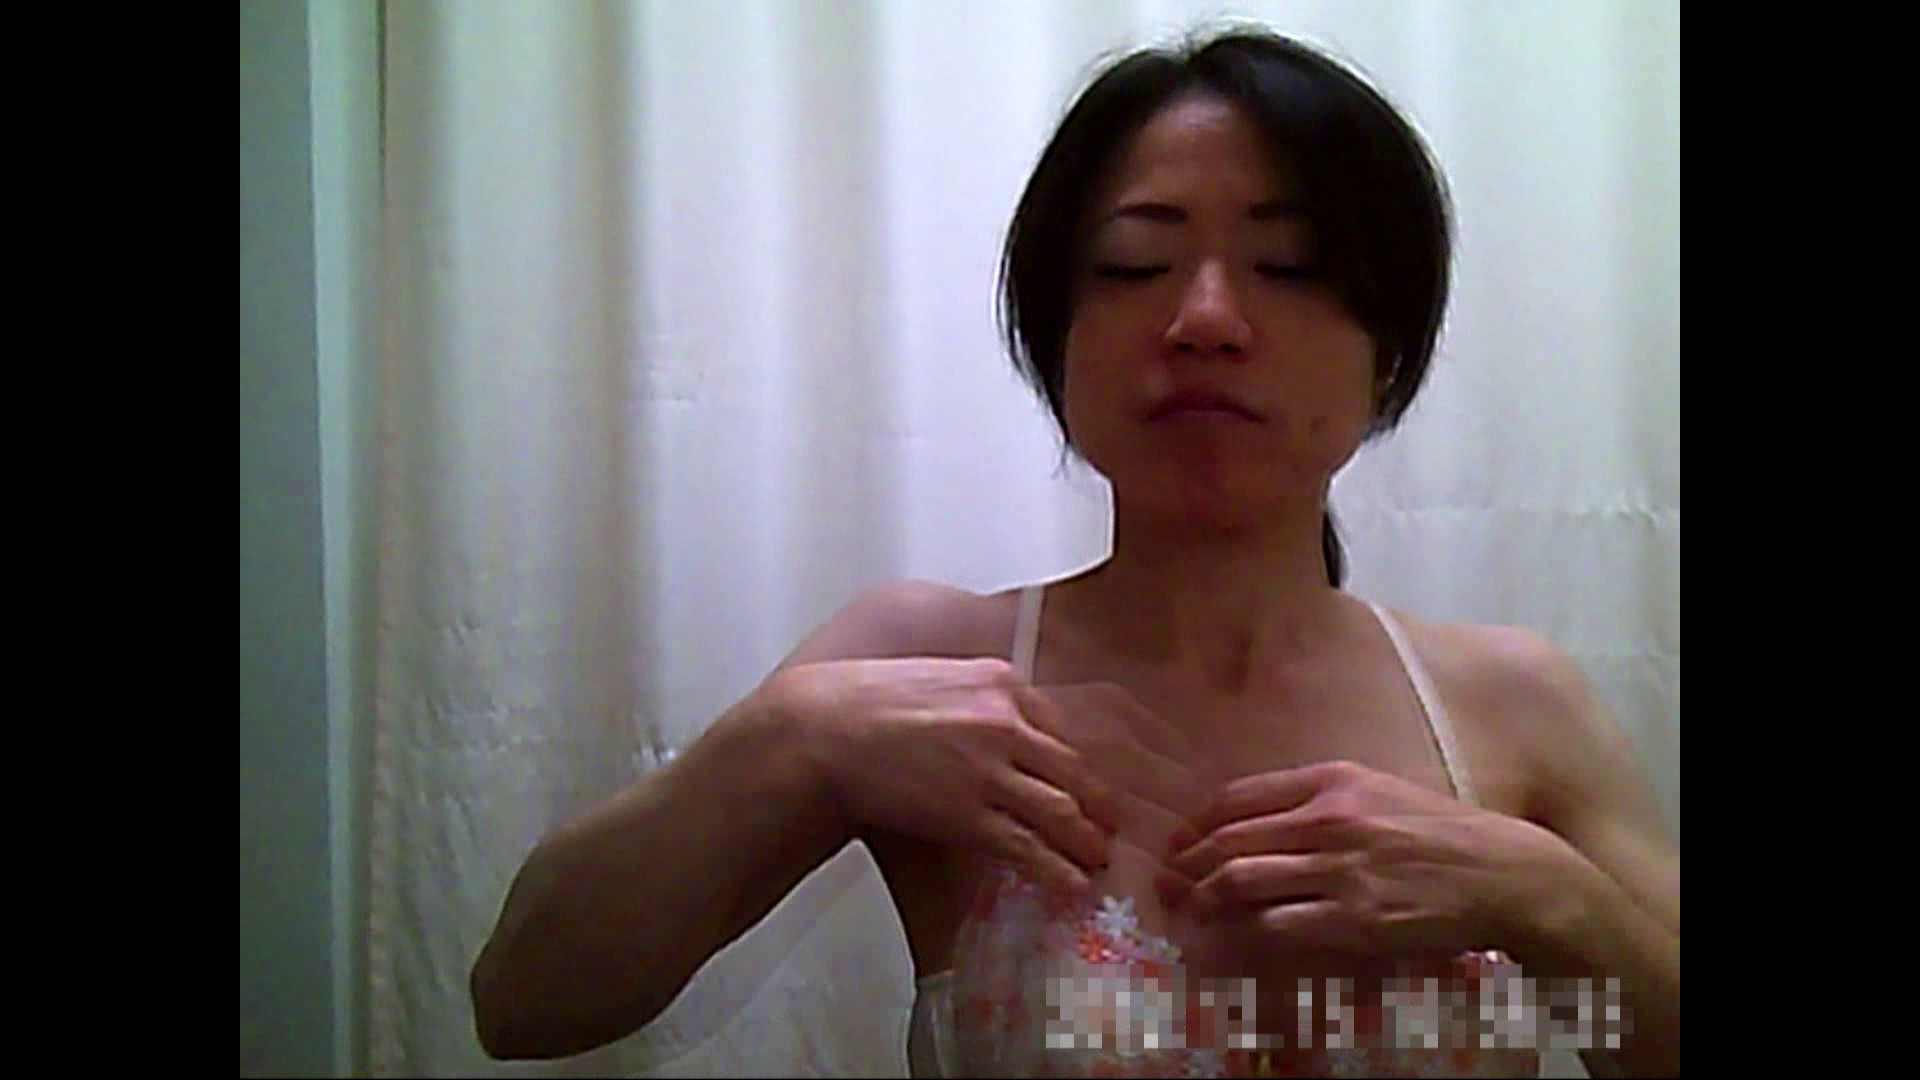 病院おもいっきり着替え! vol.179 盗撮 オマンコ無修正動画無料 66PIX 23